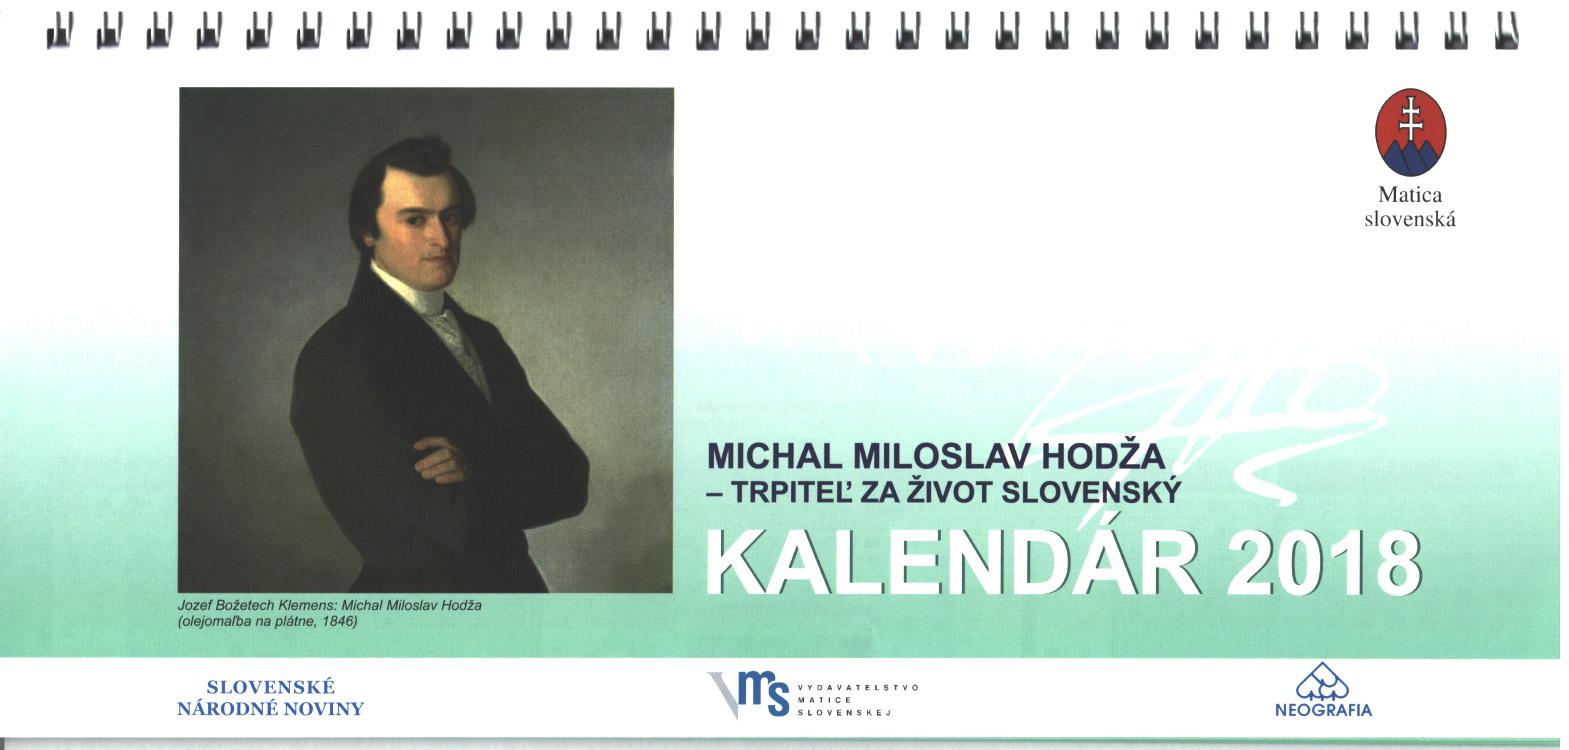 Michal Miloslav Hodža - trpiteľ za život slovenský - stolový kalendár 2018